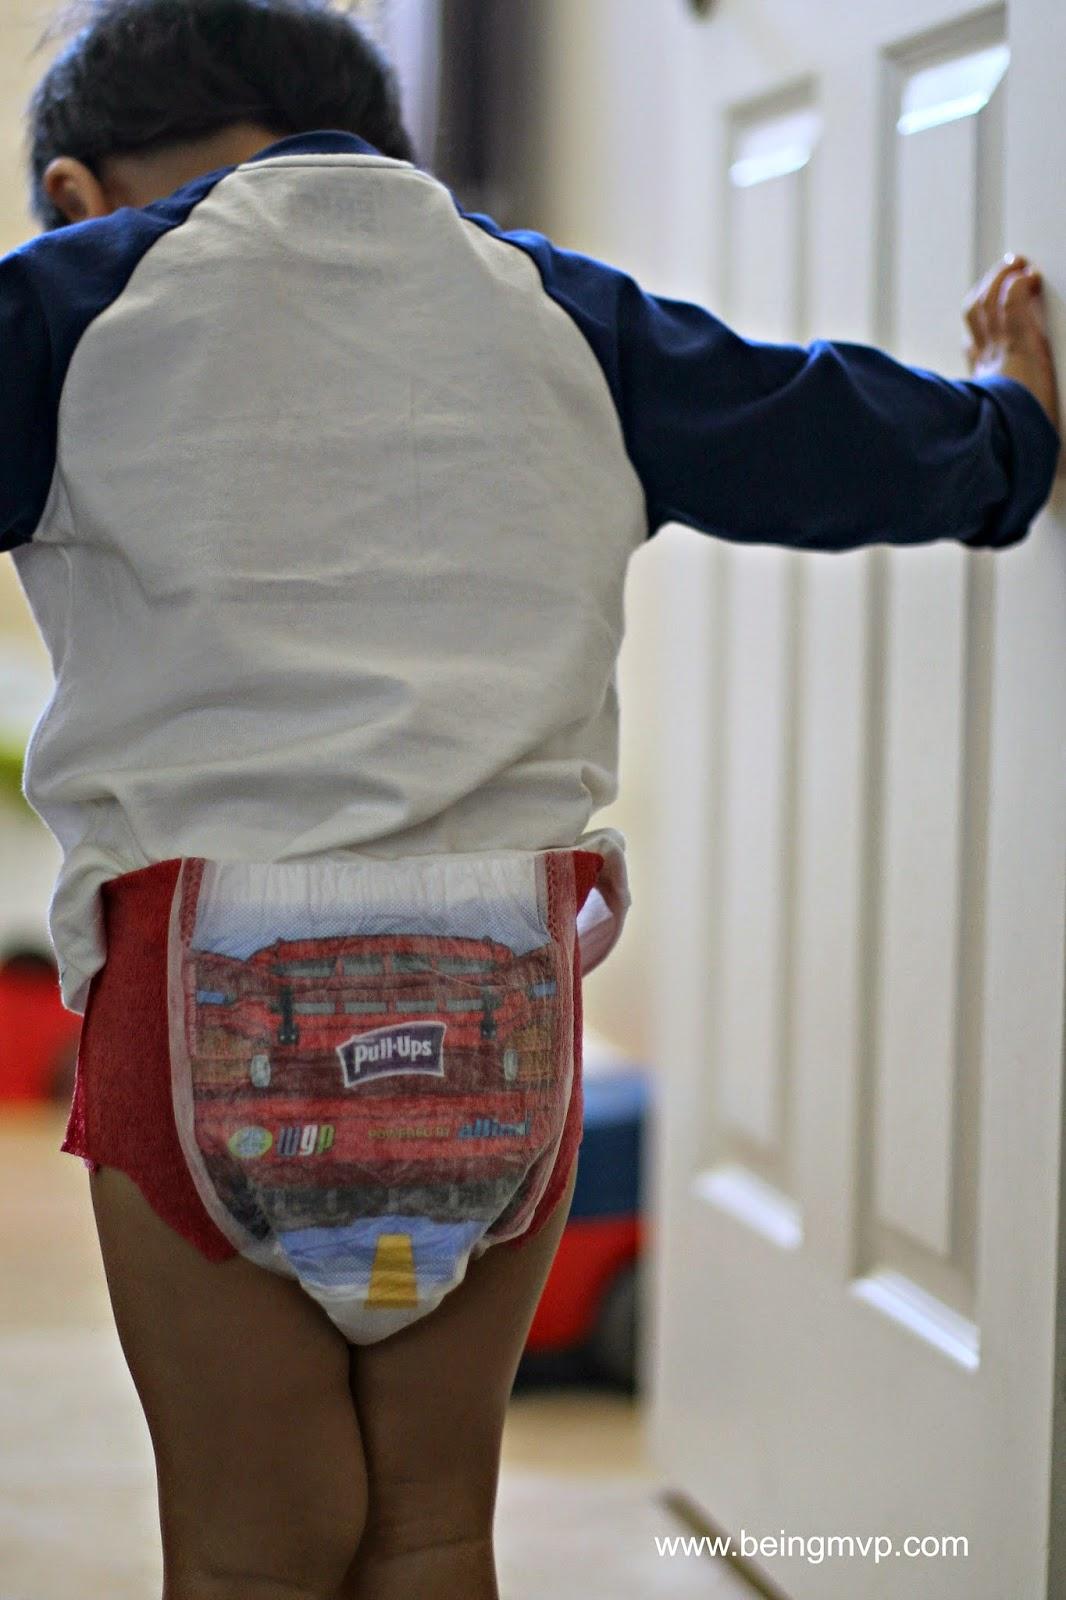 Huggies pull ups diapers car tuning - Jan